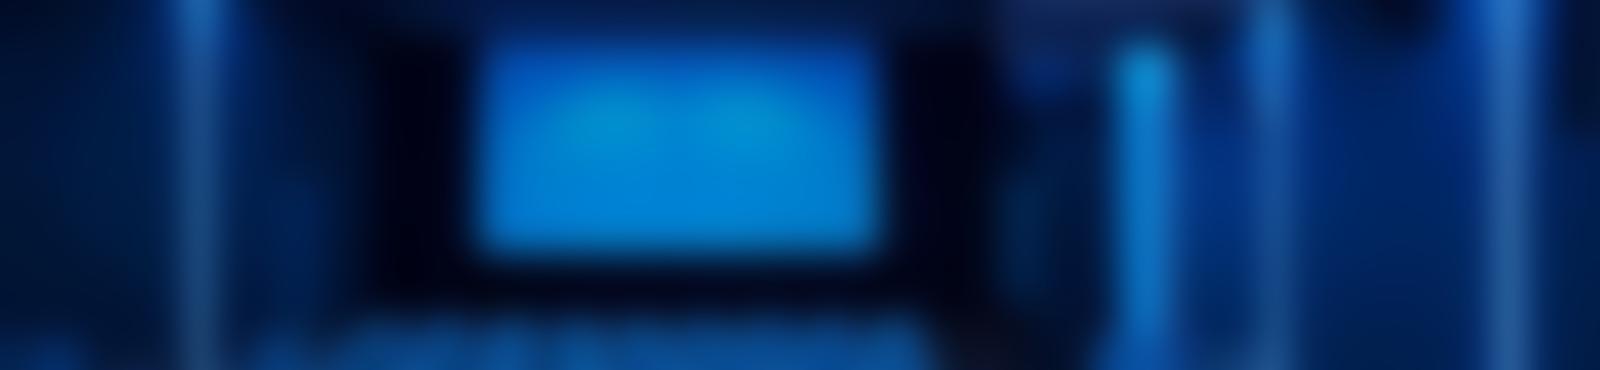 Blurred fc29c87a 27cc 47e5 a49e 16ffc4178432